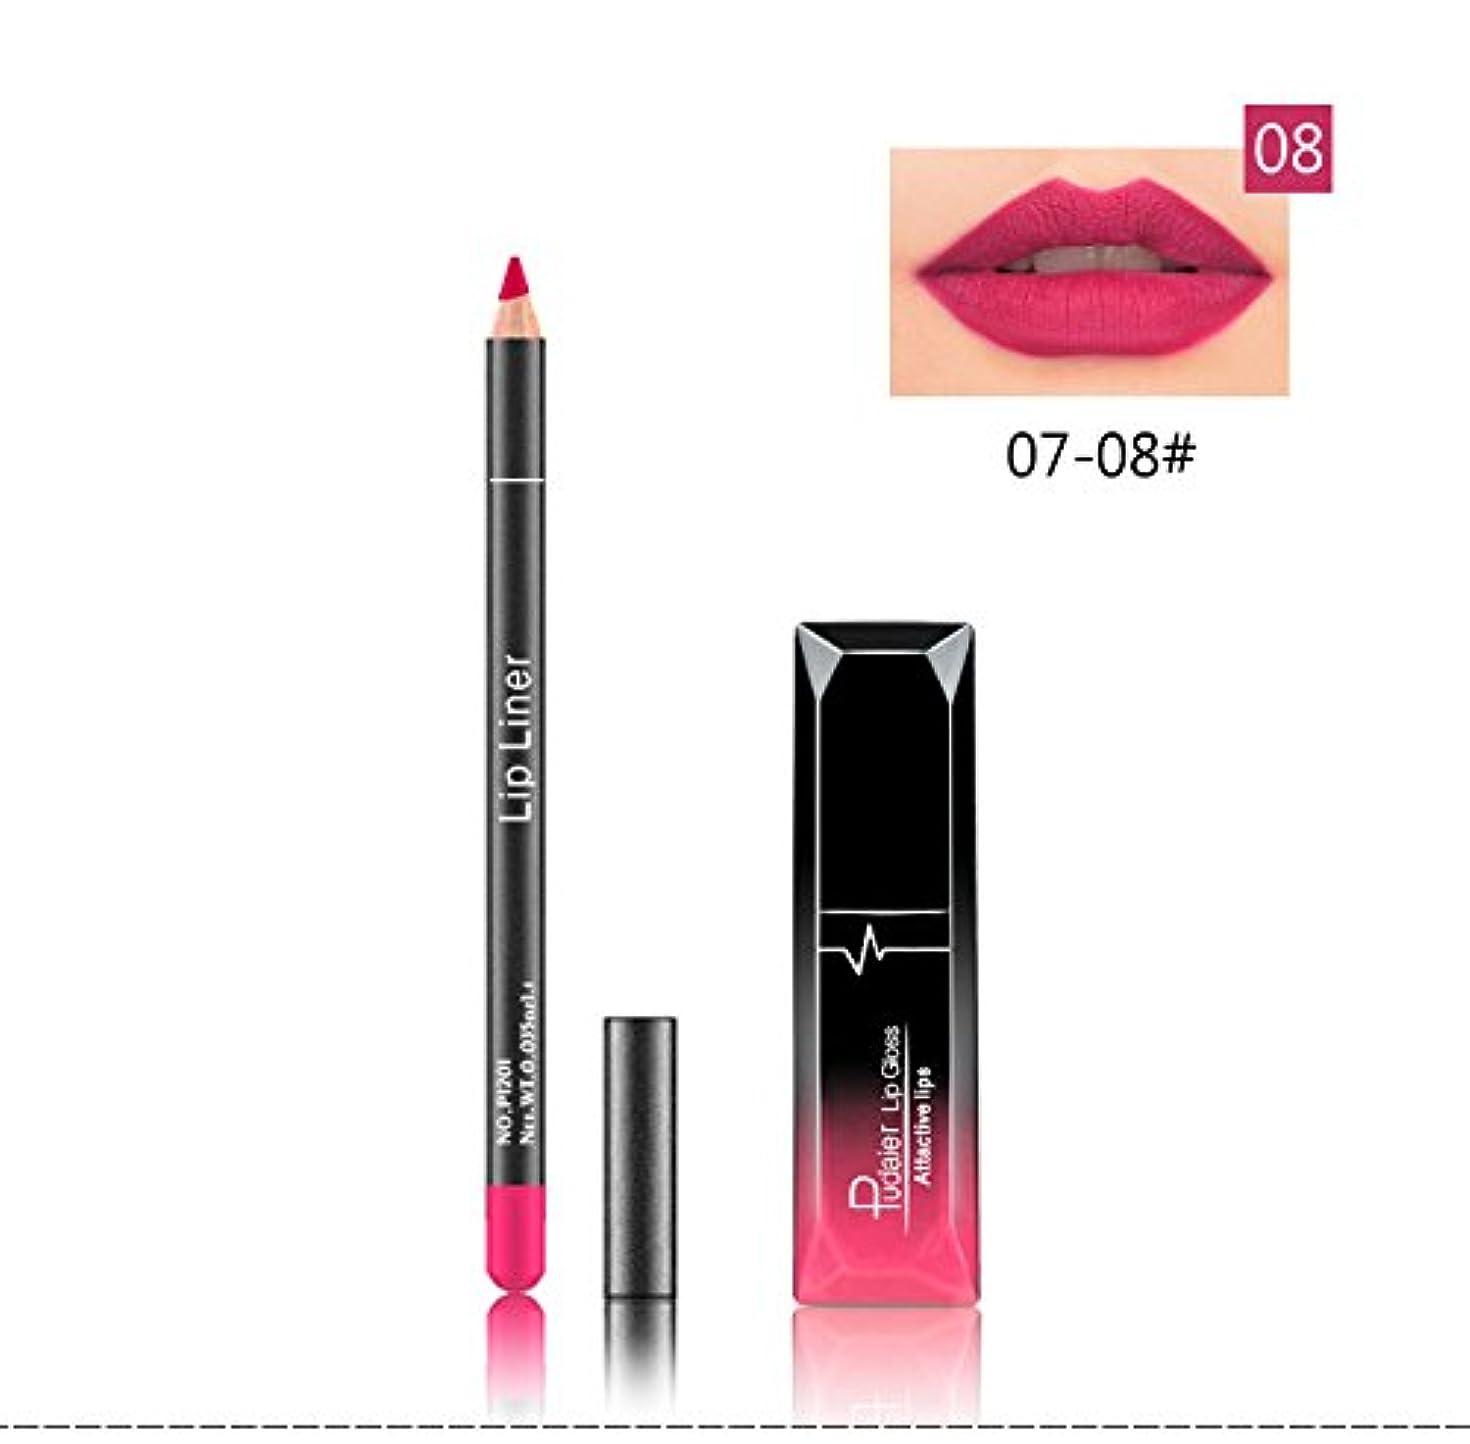 銅距離いいね(08) Pudaier 1pc Matte Liquid Lipstick Cosmetic Lip Kit+ 1 Pc Nude Lip Liner Pencil MakeUp Set Waterproof Long...